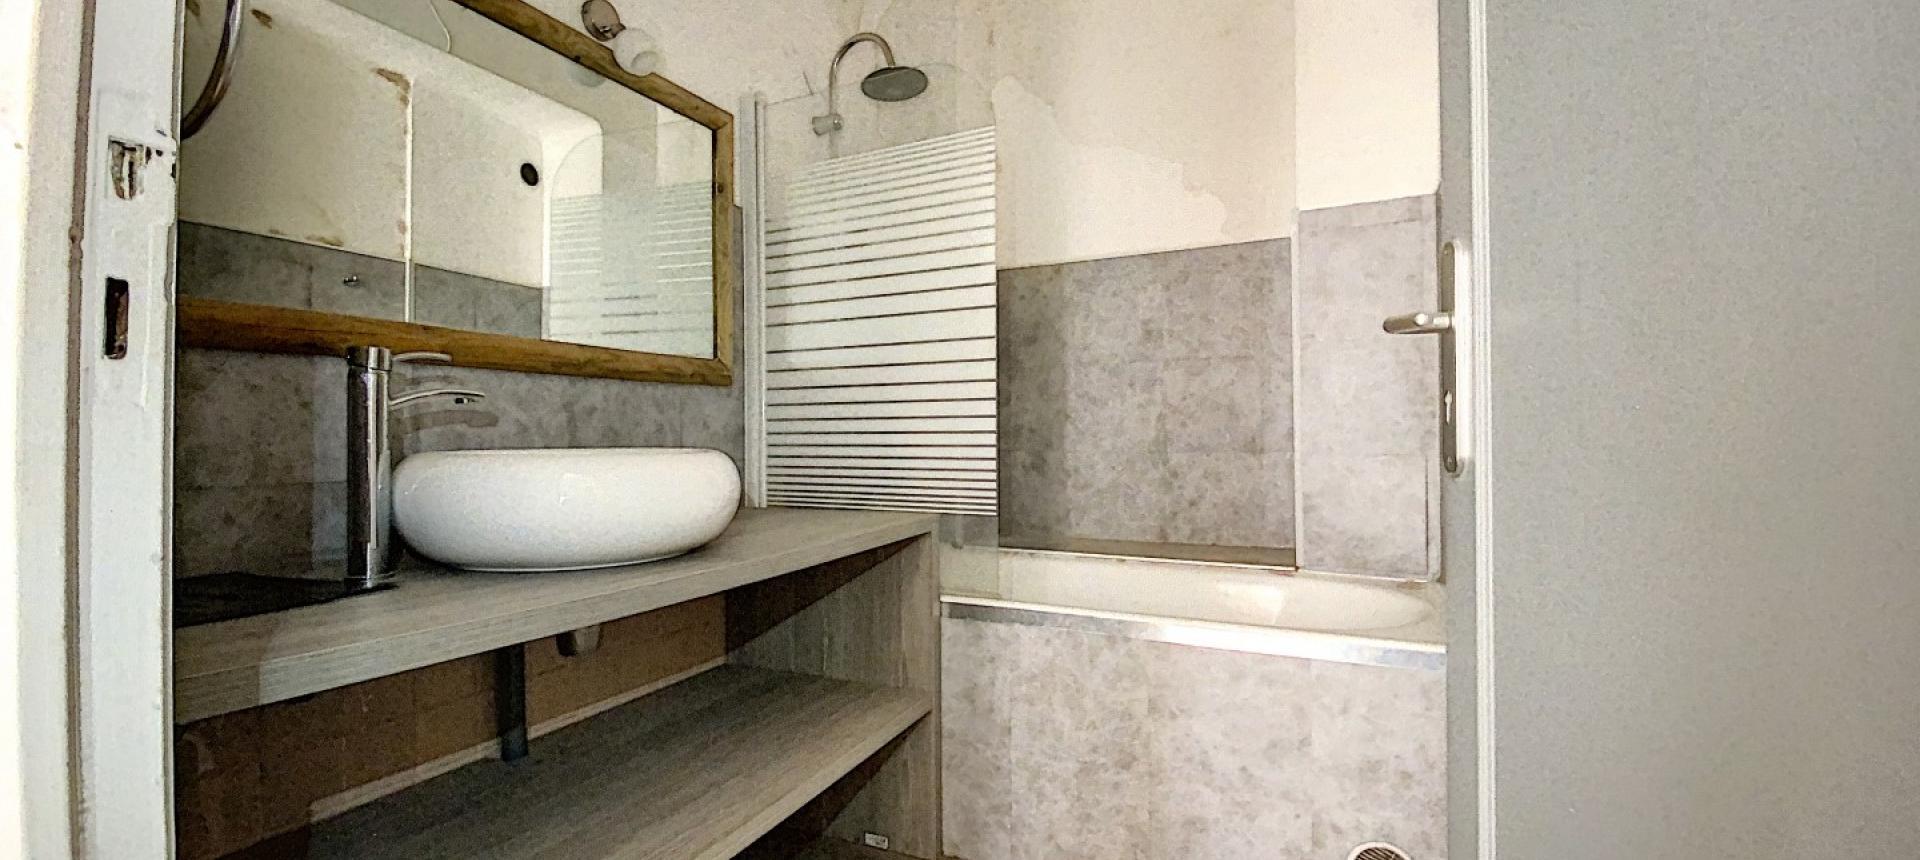 A vendre appartement F3 proche centre-ville - Vue salle de bains